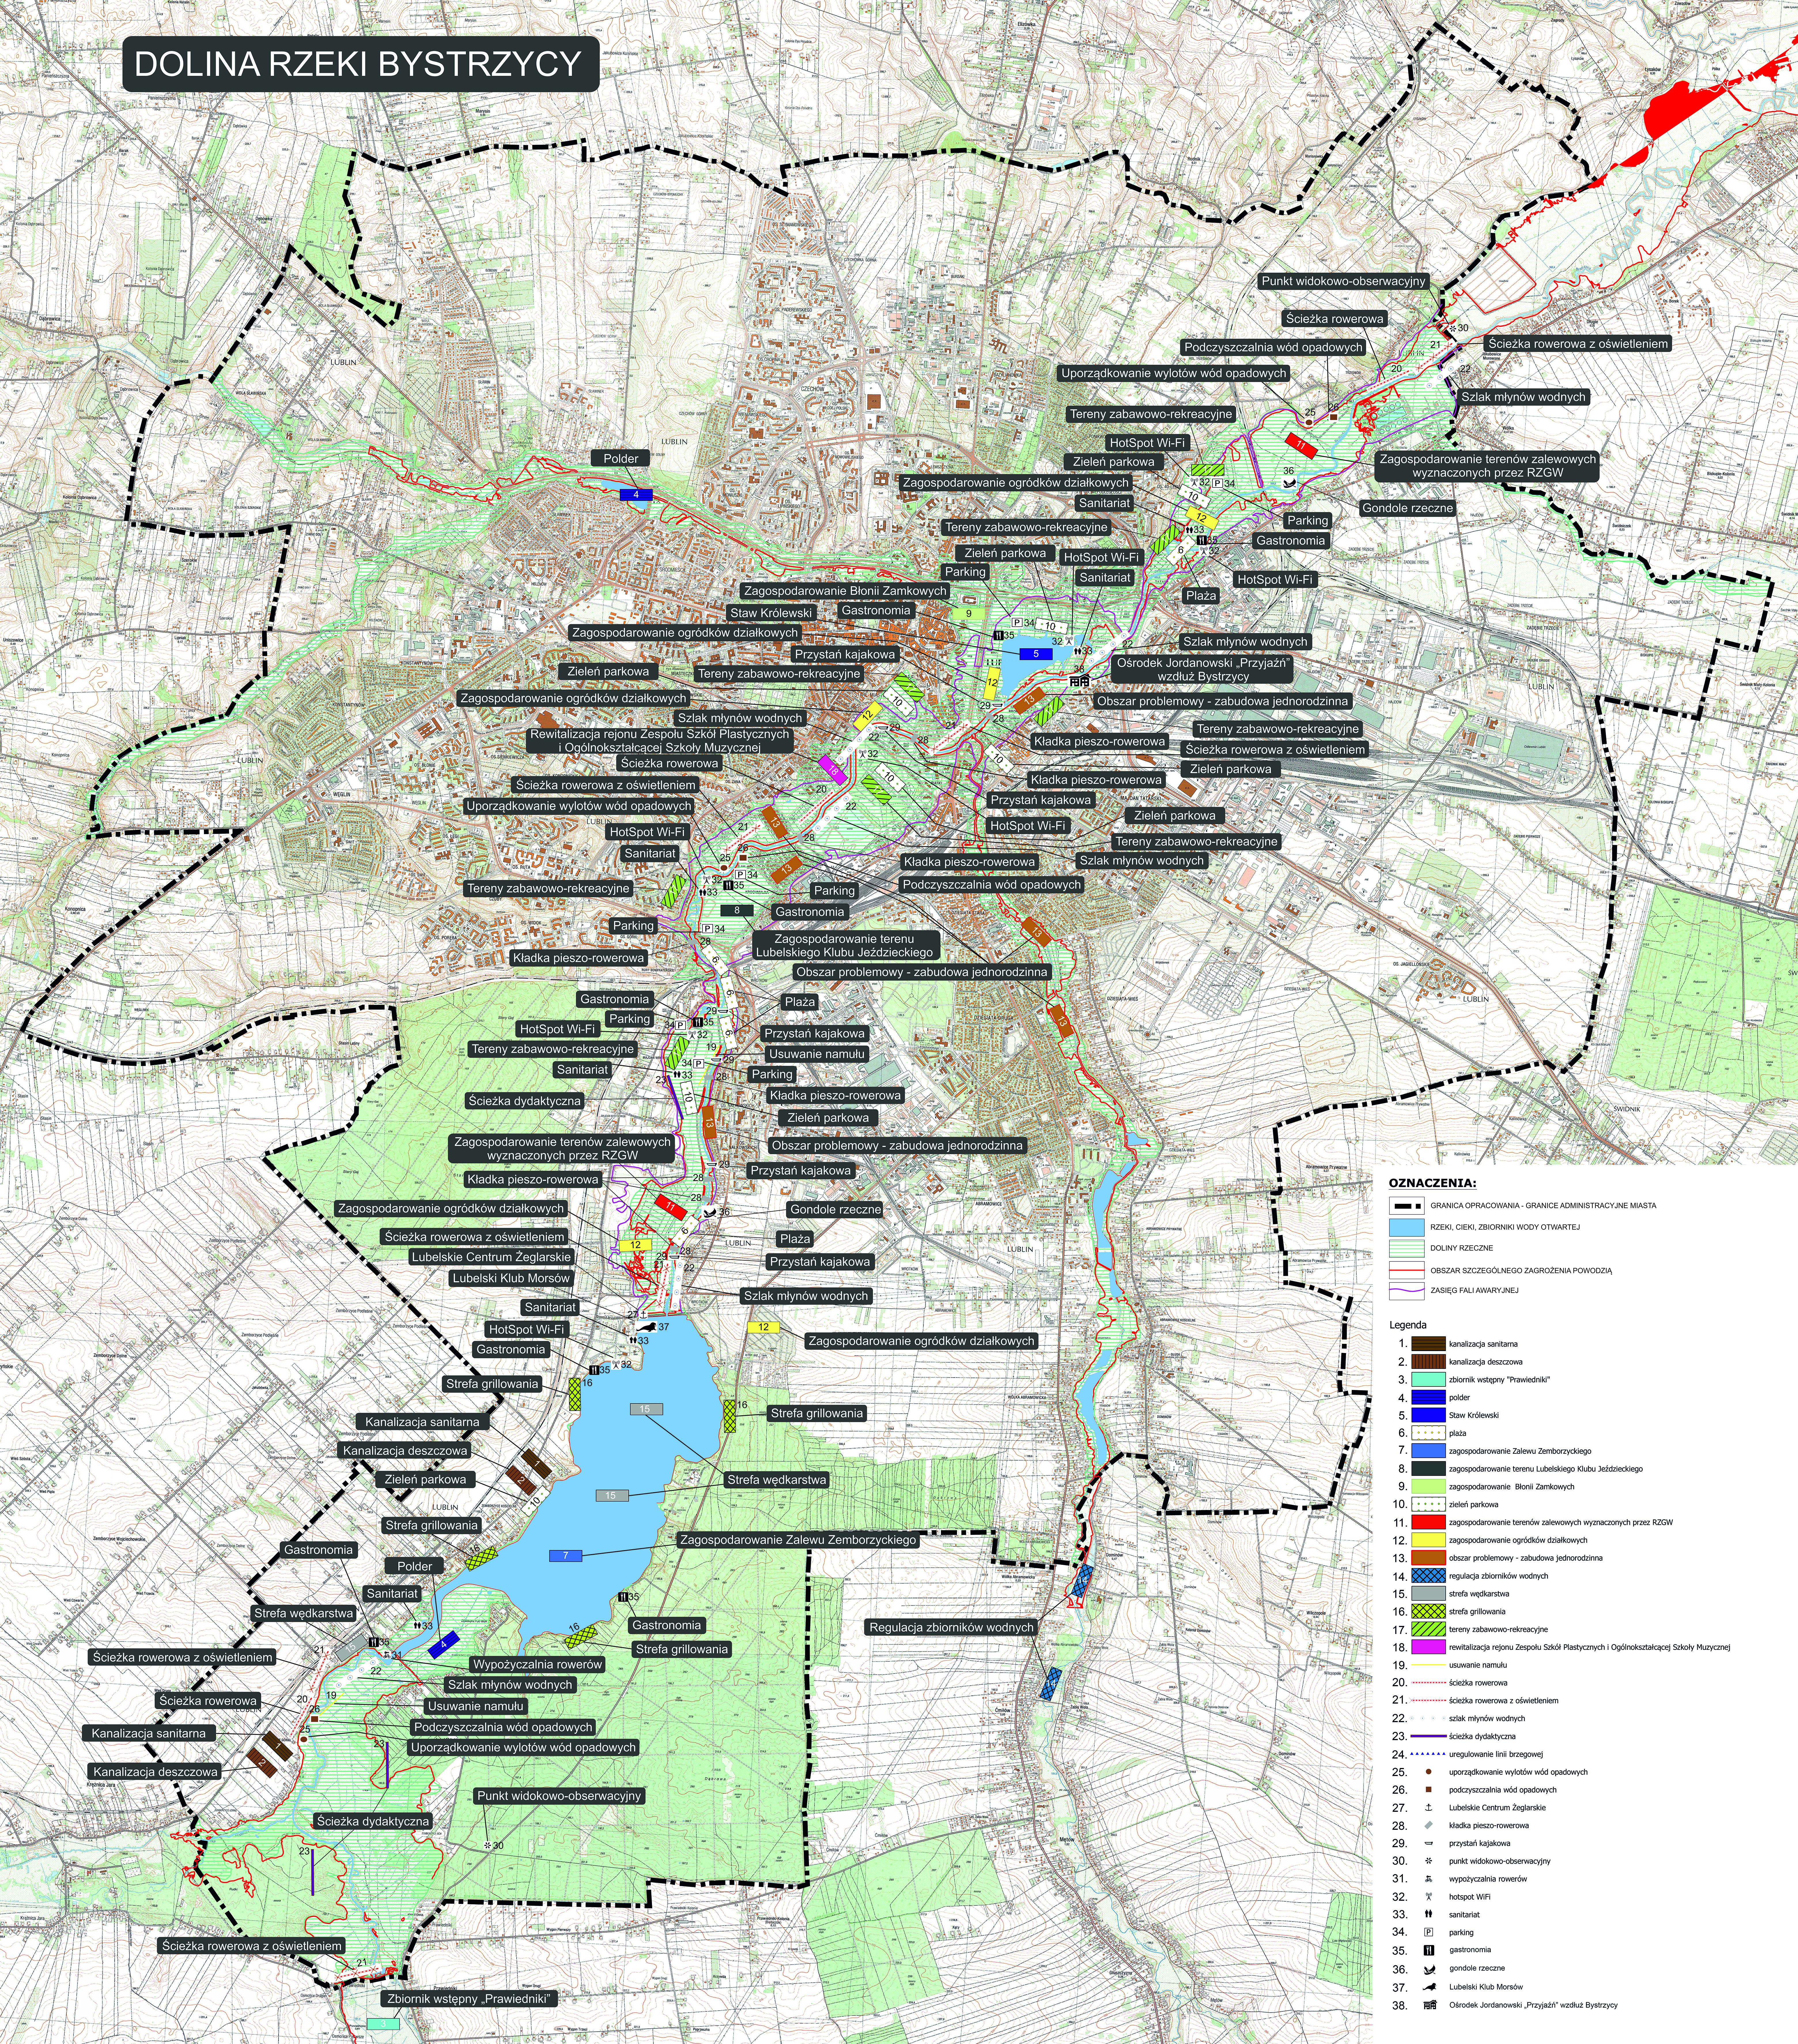 Projekt rewitalizacji doliny Bystrzycy gotowy_mapa